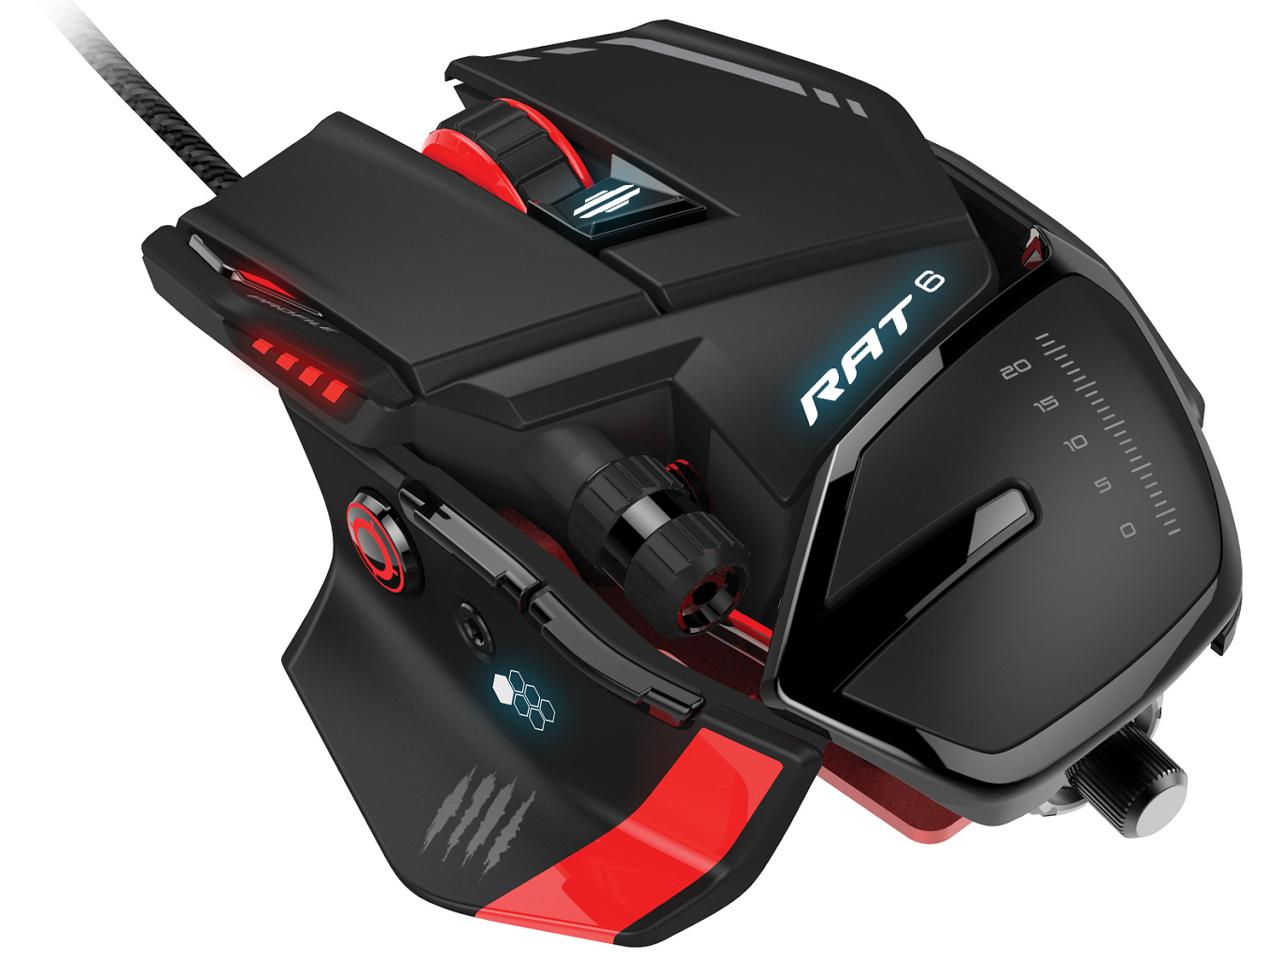 『本体』 RAT 6 Laser Gaming Mouse MCB43732J0A3 の製品画像